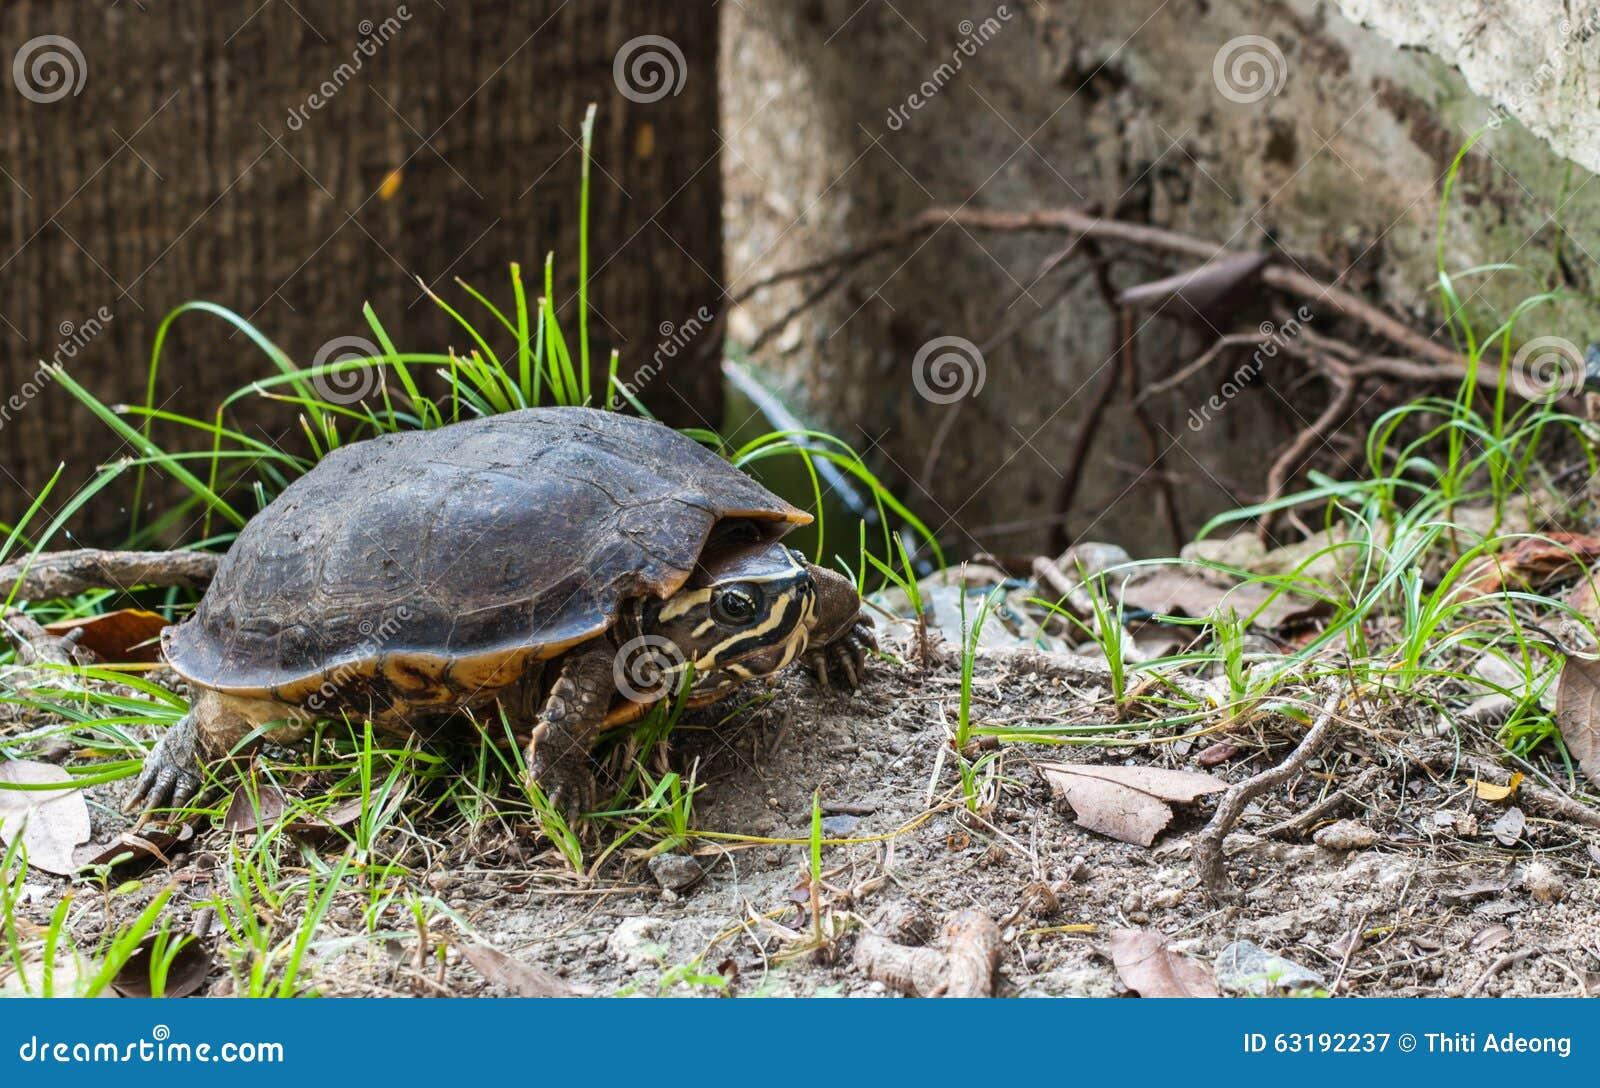 Rocce acquario acqua dolce casamia idea di immagine for Sassi per tartarughe